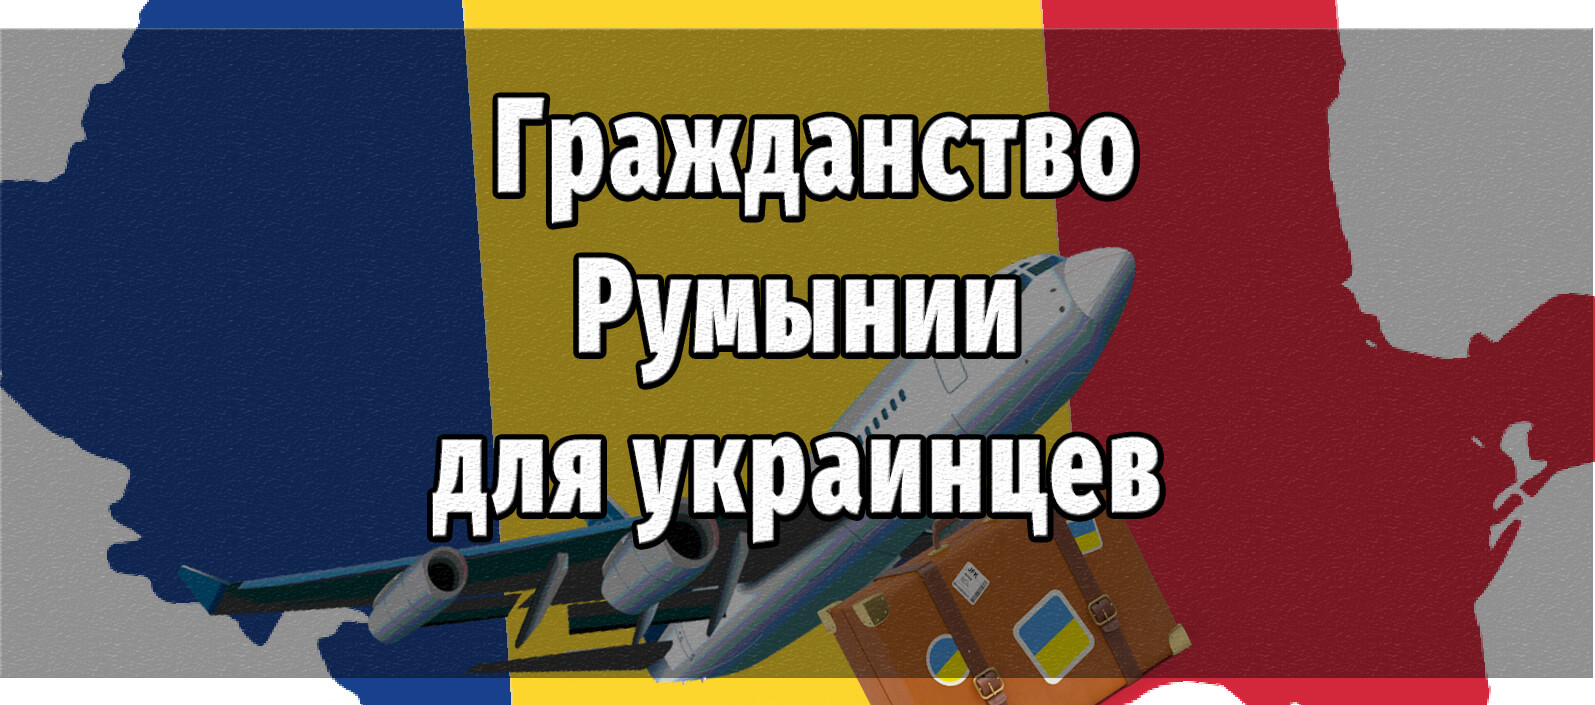 гражданство румынии для украинцев